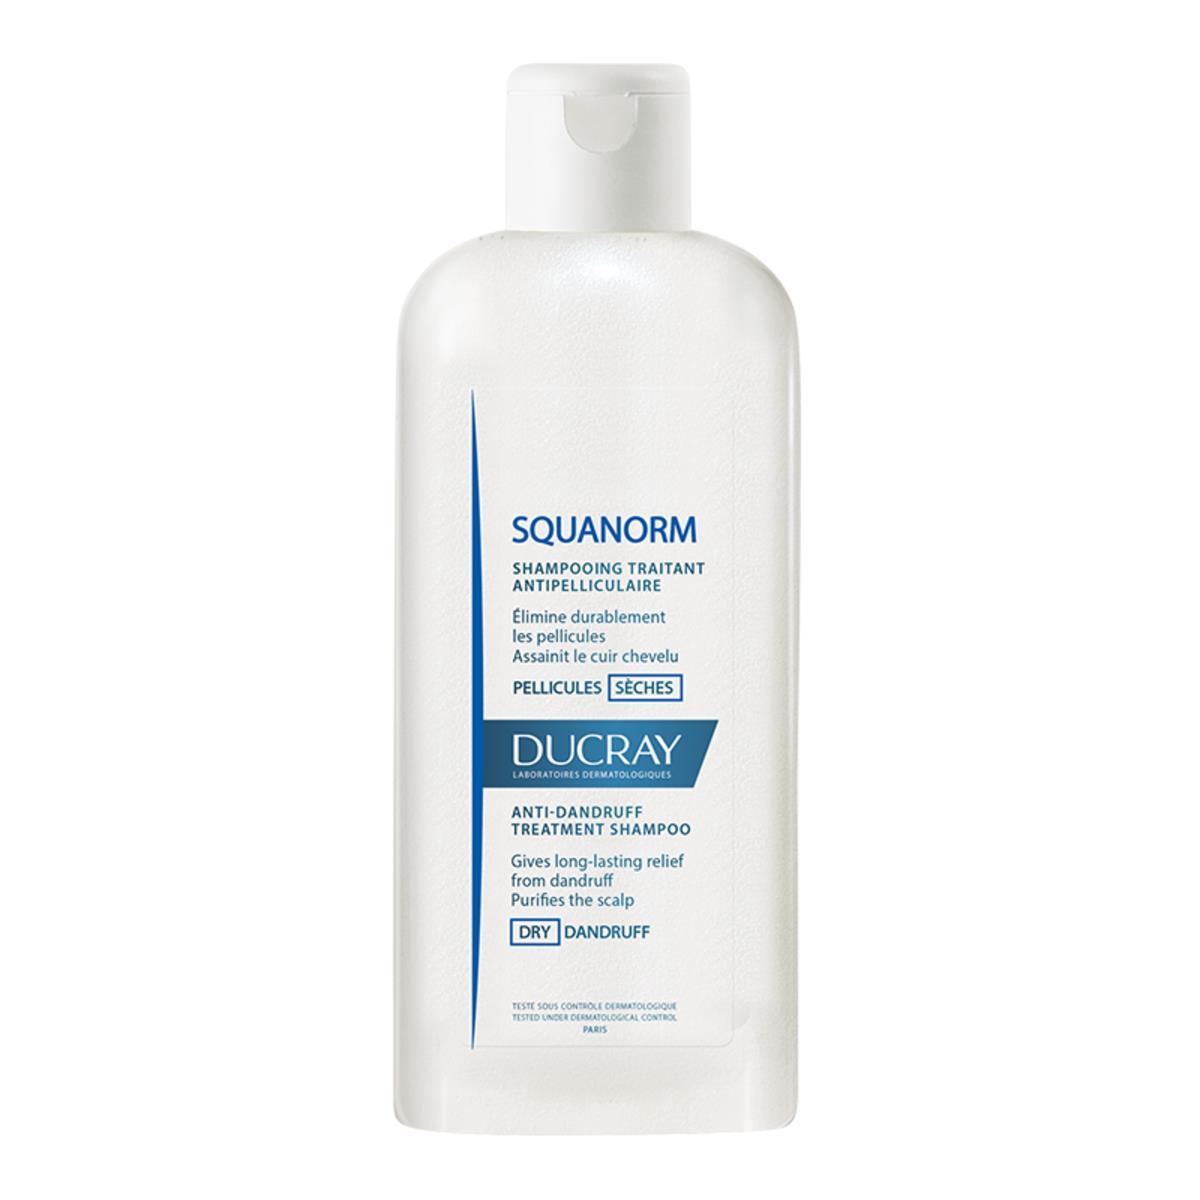 Ducray Squanorm Shampoo Cuidado Para La Caspa Seca 200Ml